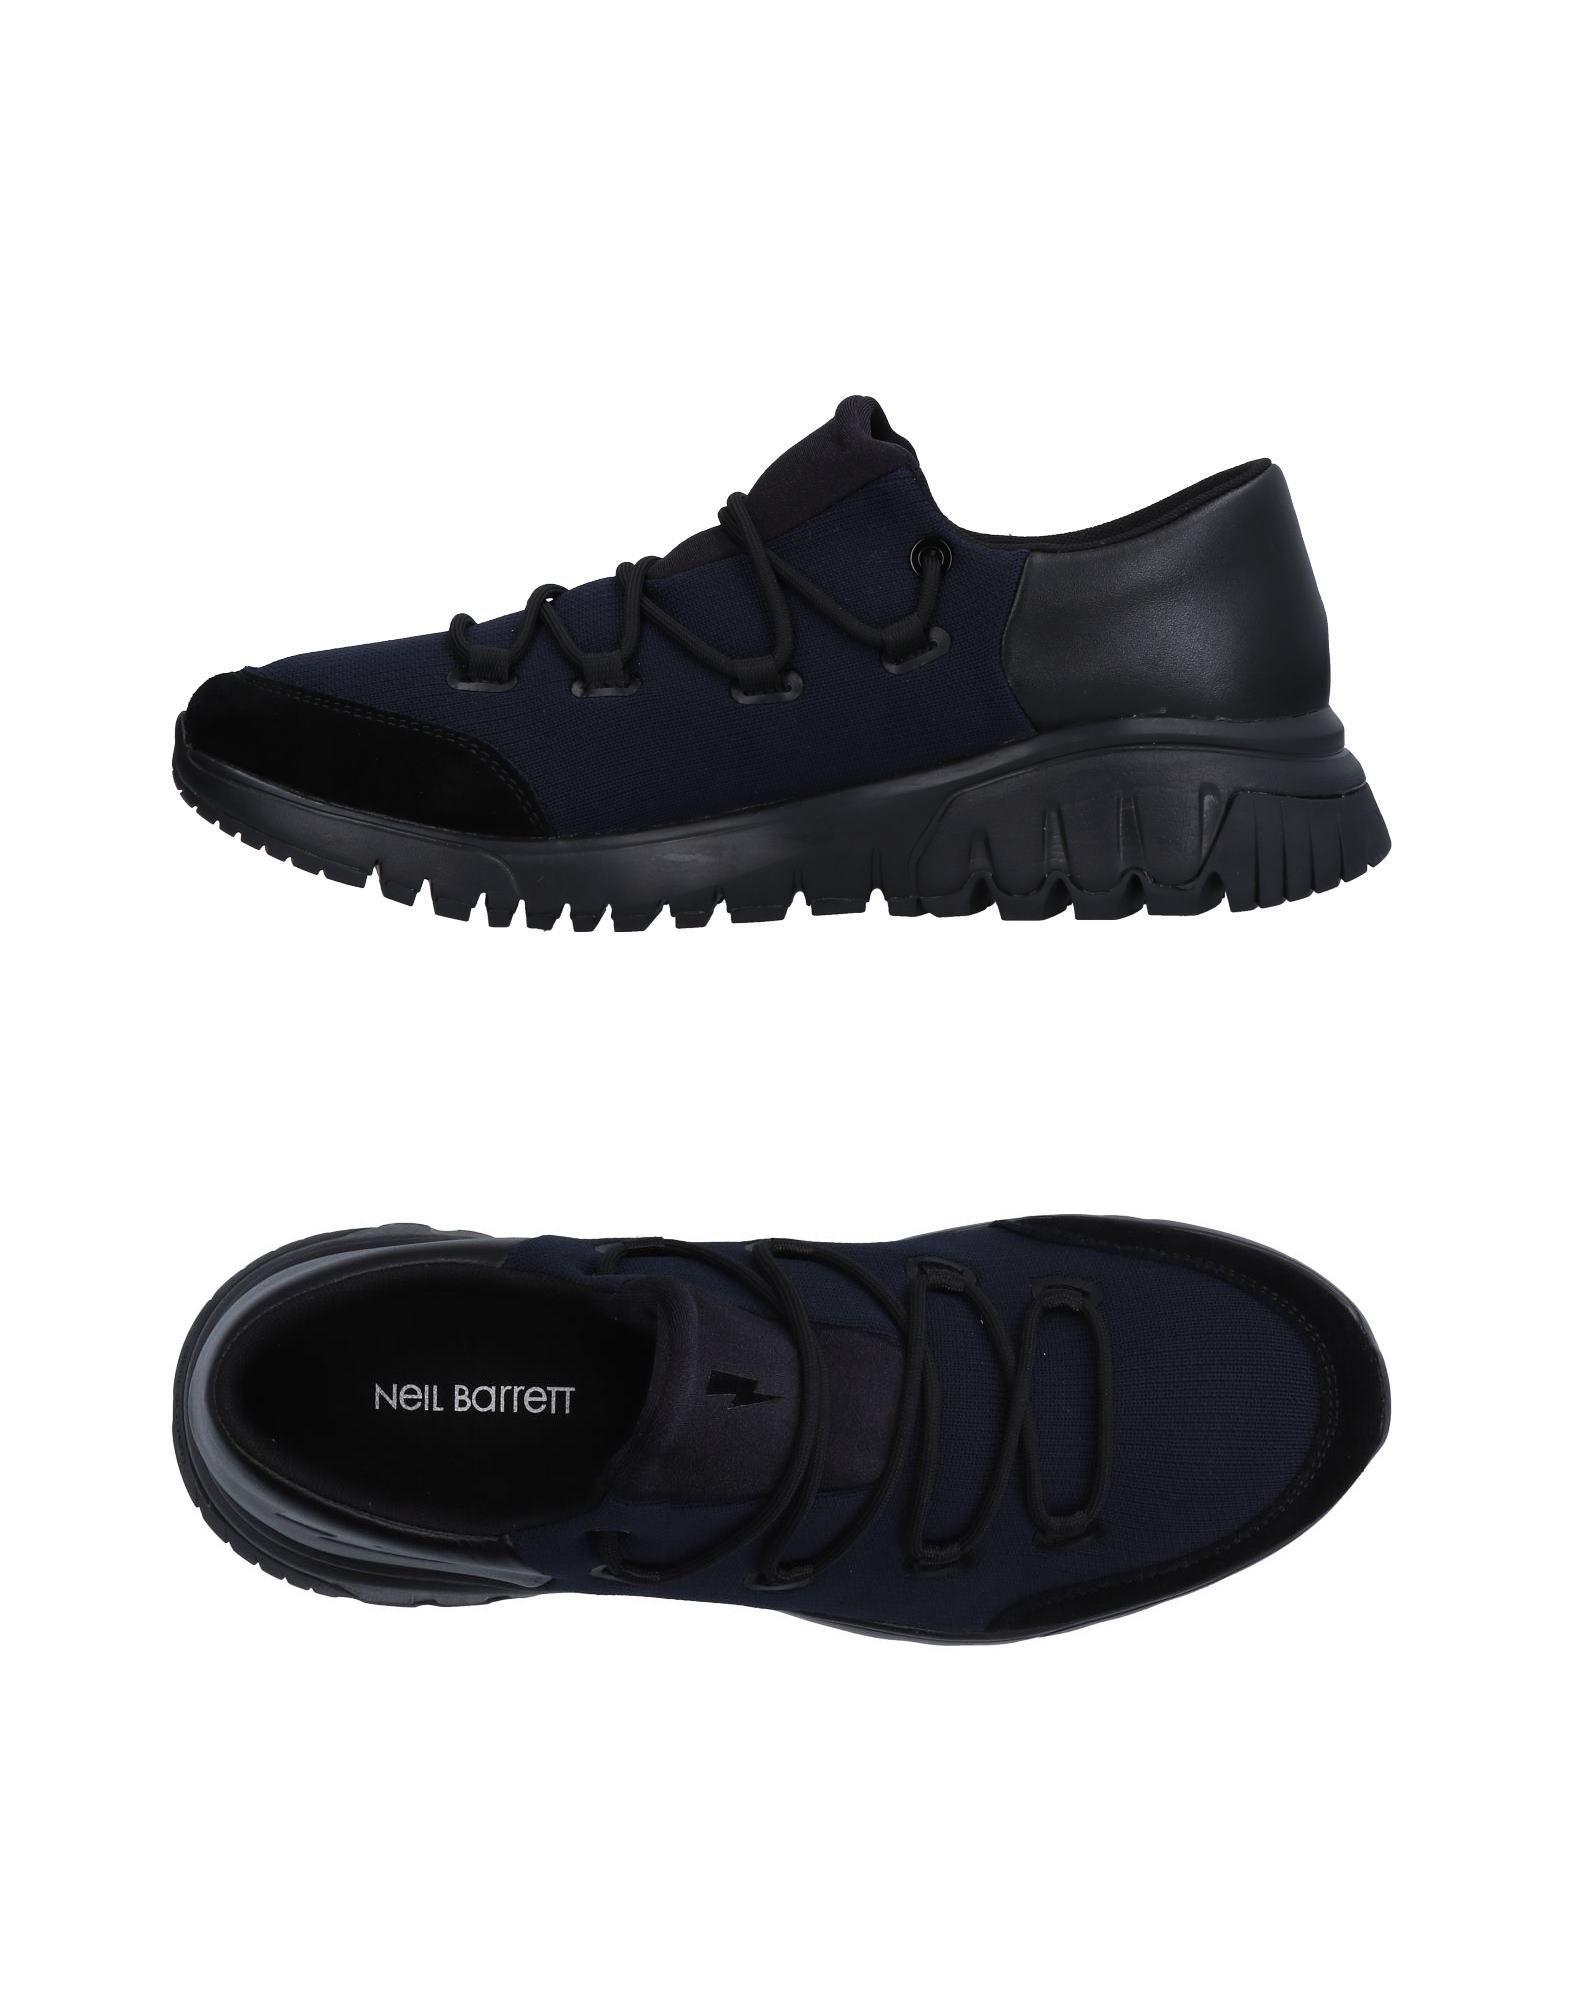 Neil Barrett Sneakers Herren  11522516PT Gute Qualität beliebte Schuhe